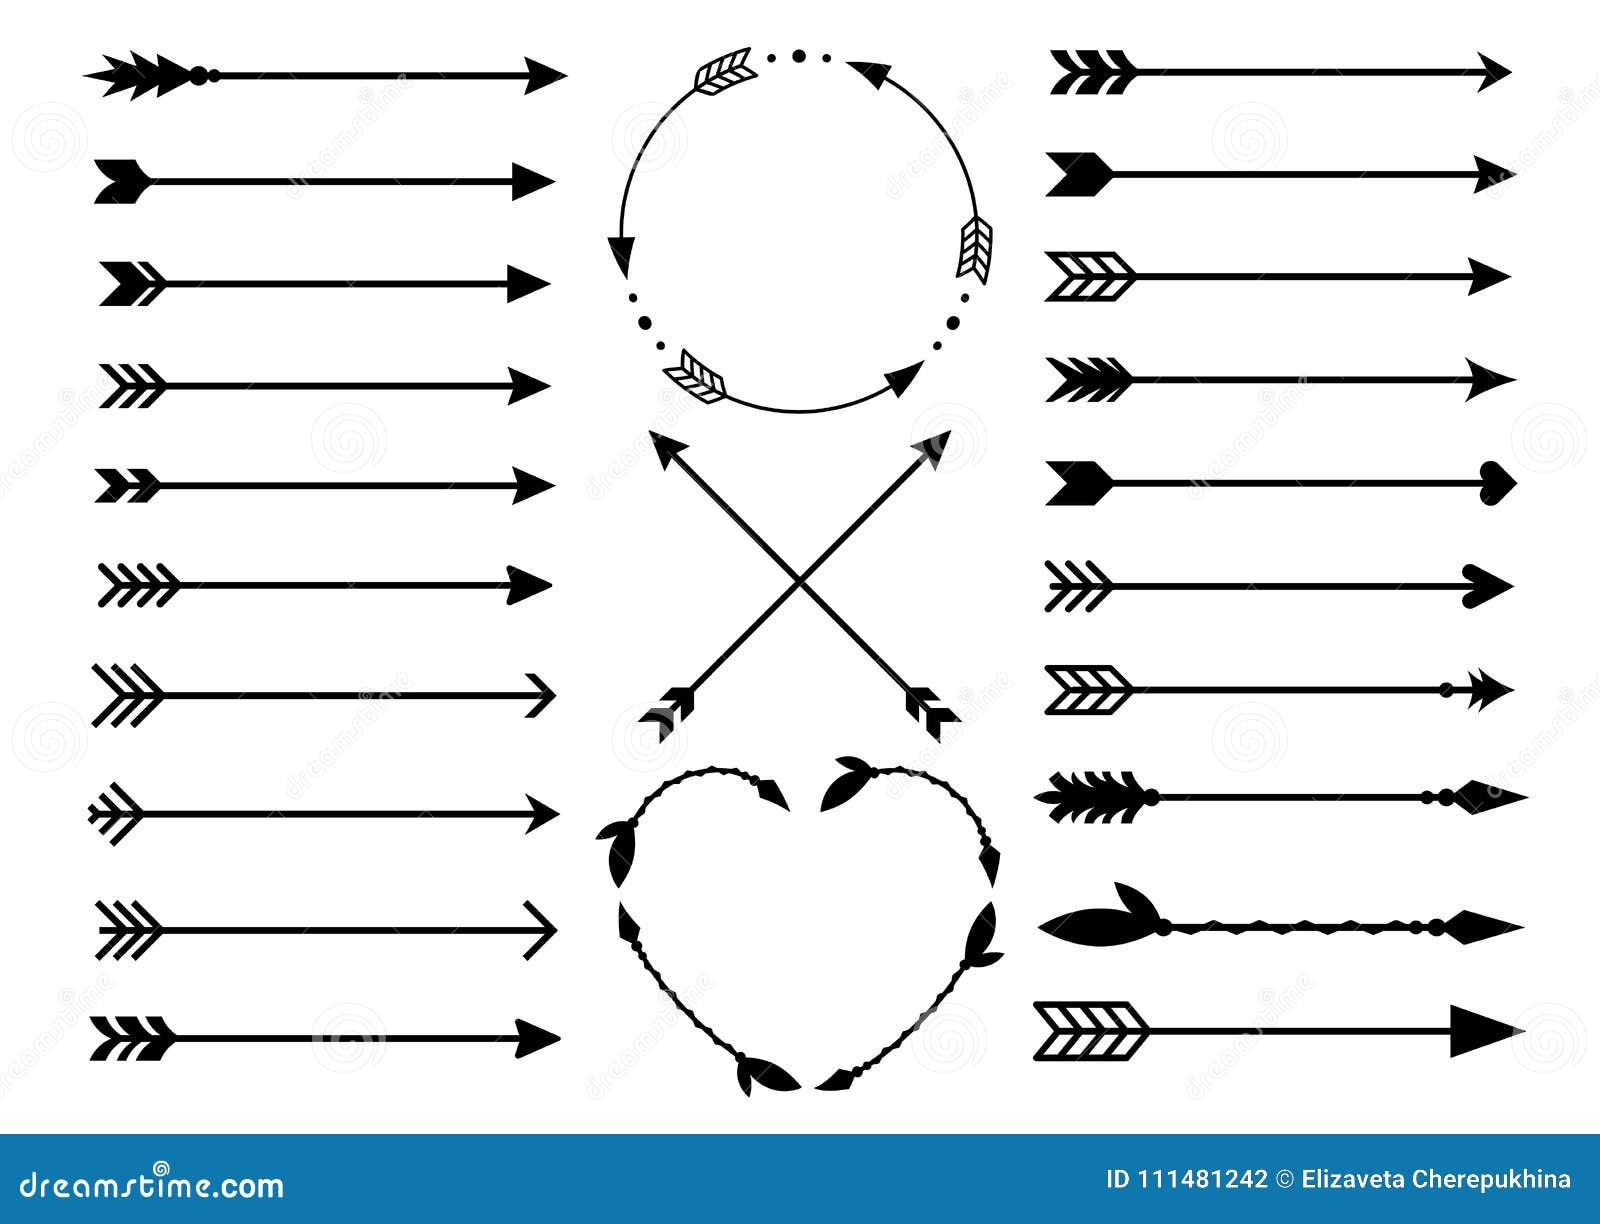 Hipster Arrows. Arrows In Boho Style. Criss Cross Tribal ...